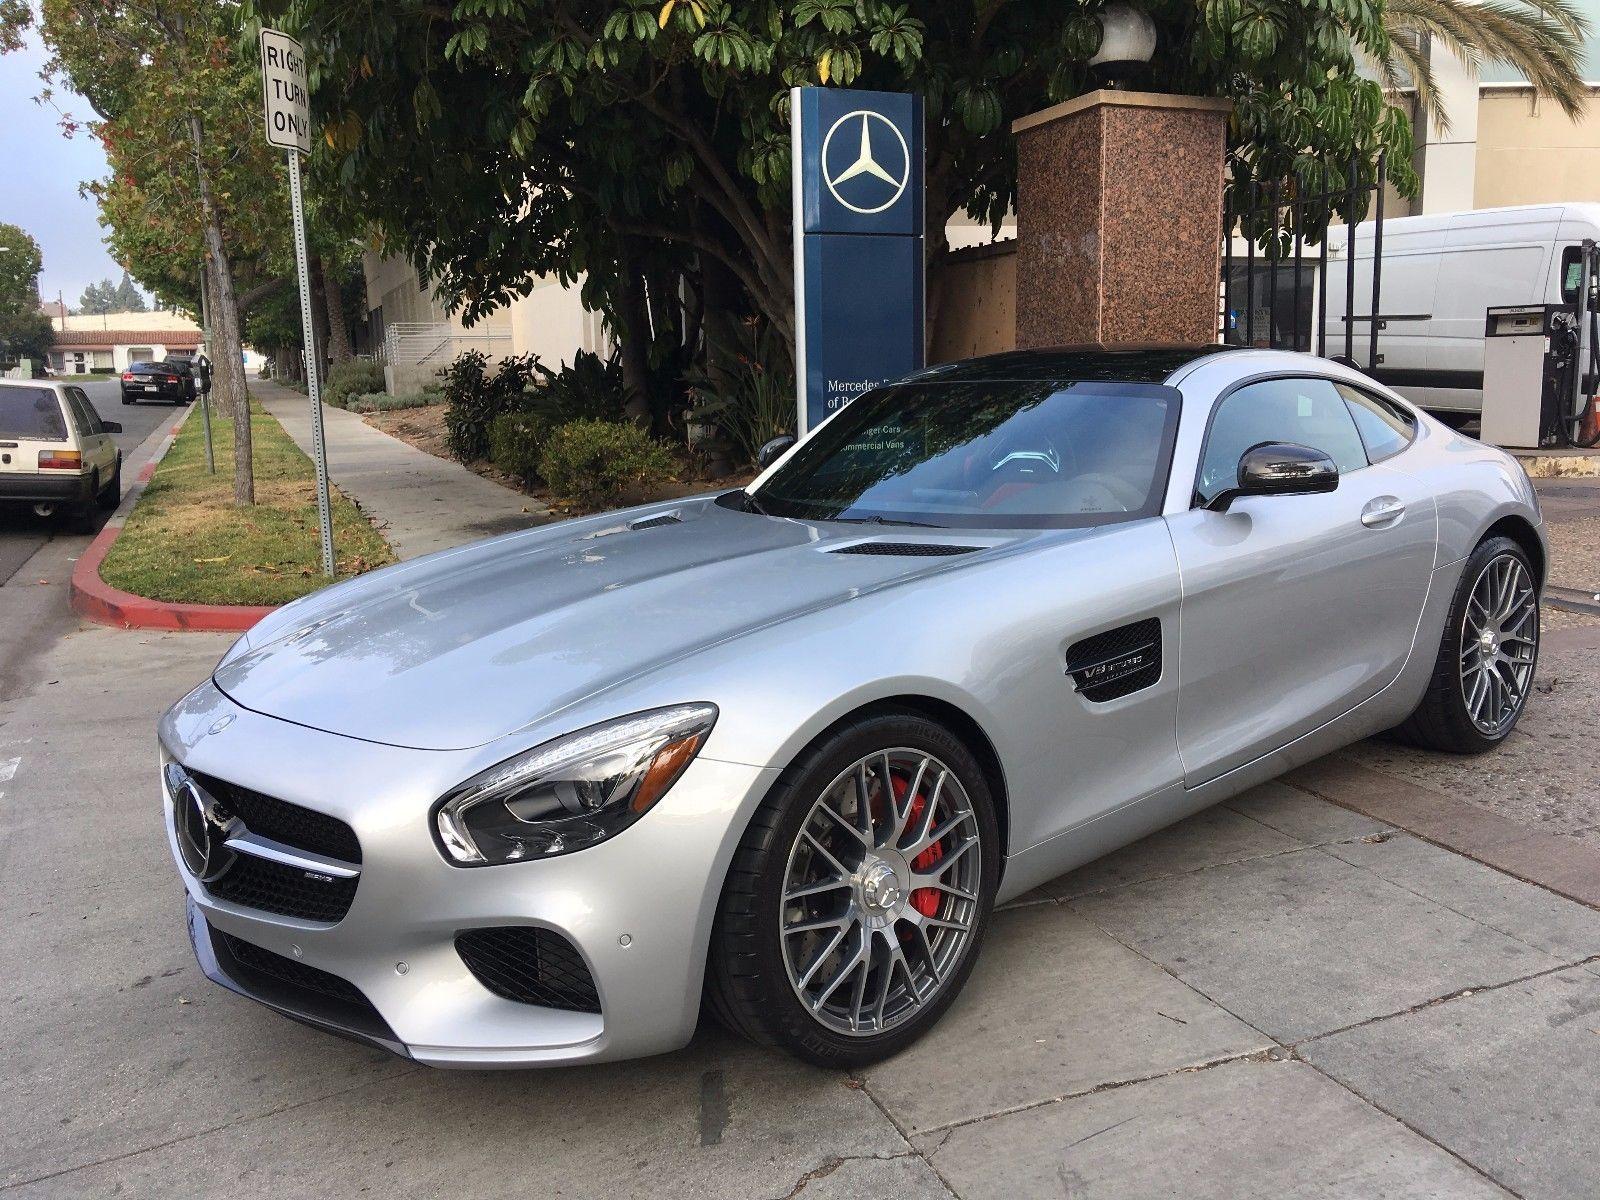 2016 Mercedes Benz Amg Gt S Base Coupe 2 Door Mercedes Benz Amg Mercedes Benz Gts Amg Mercedes Benz Gts 2016 mercedes benz amg gt s 2